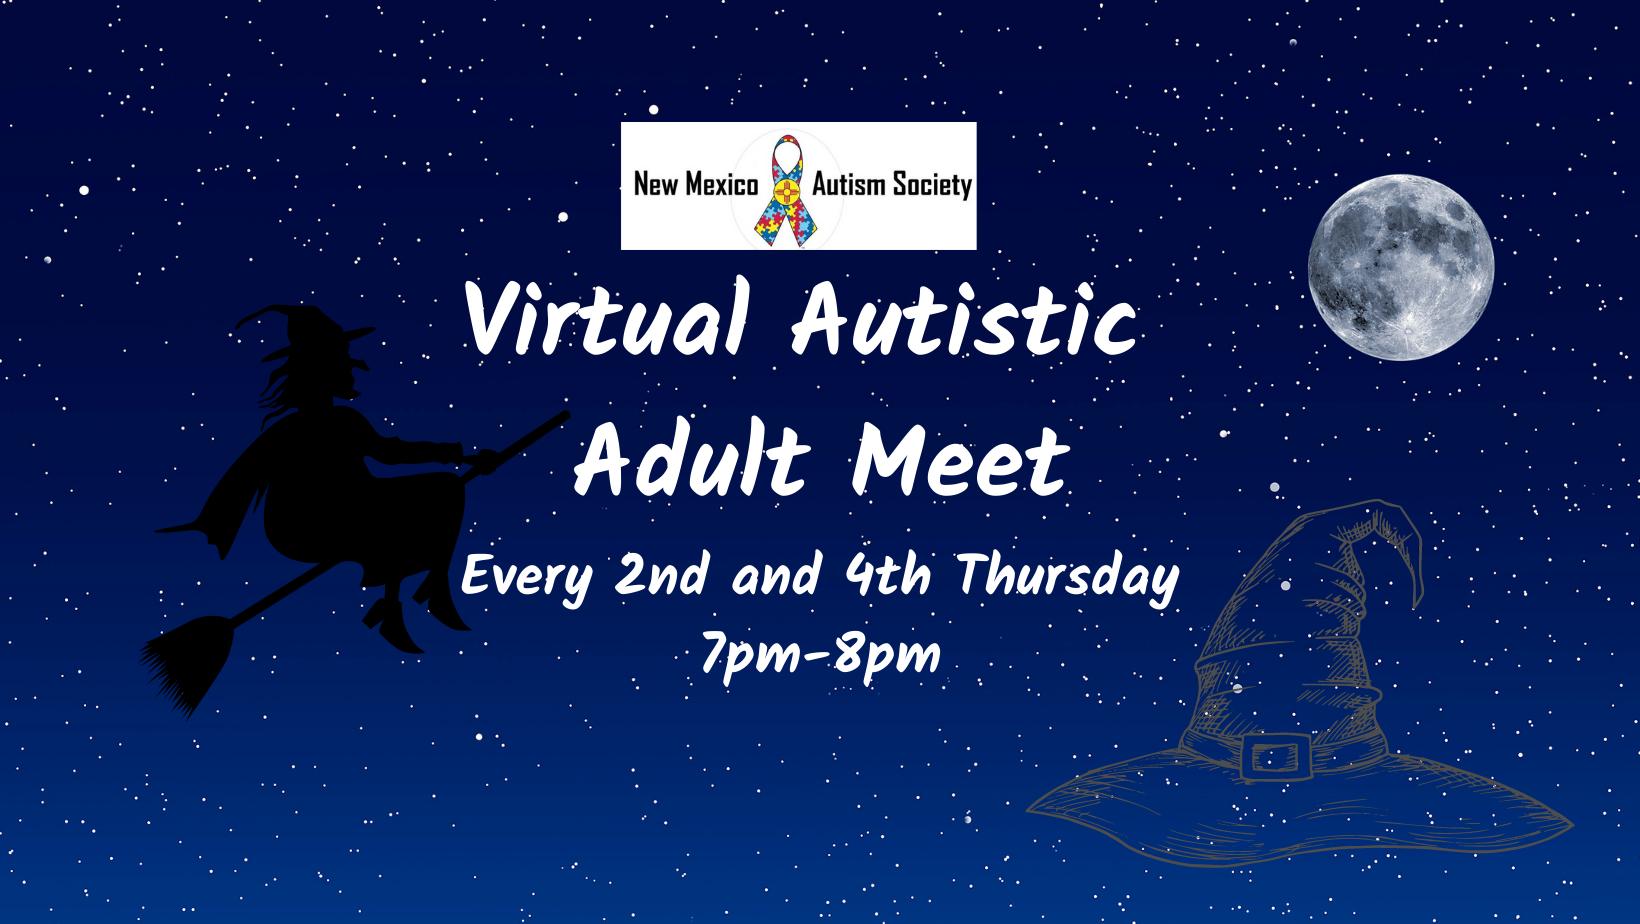 Virtual Autistic Adult Meeting Image